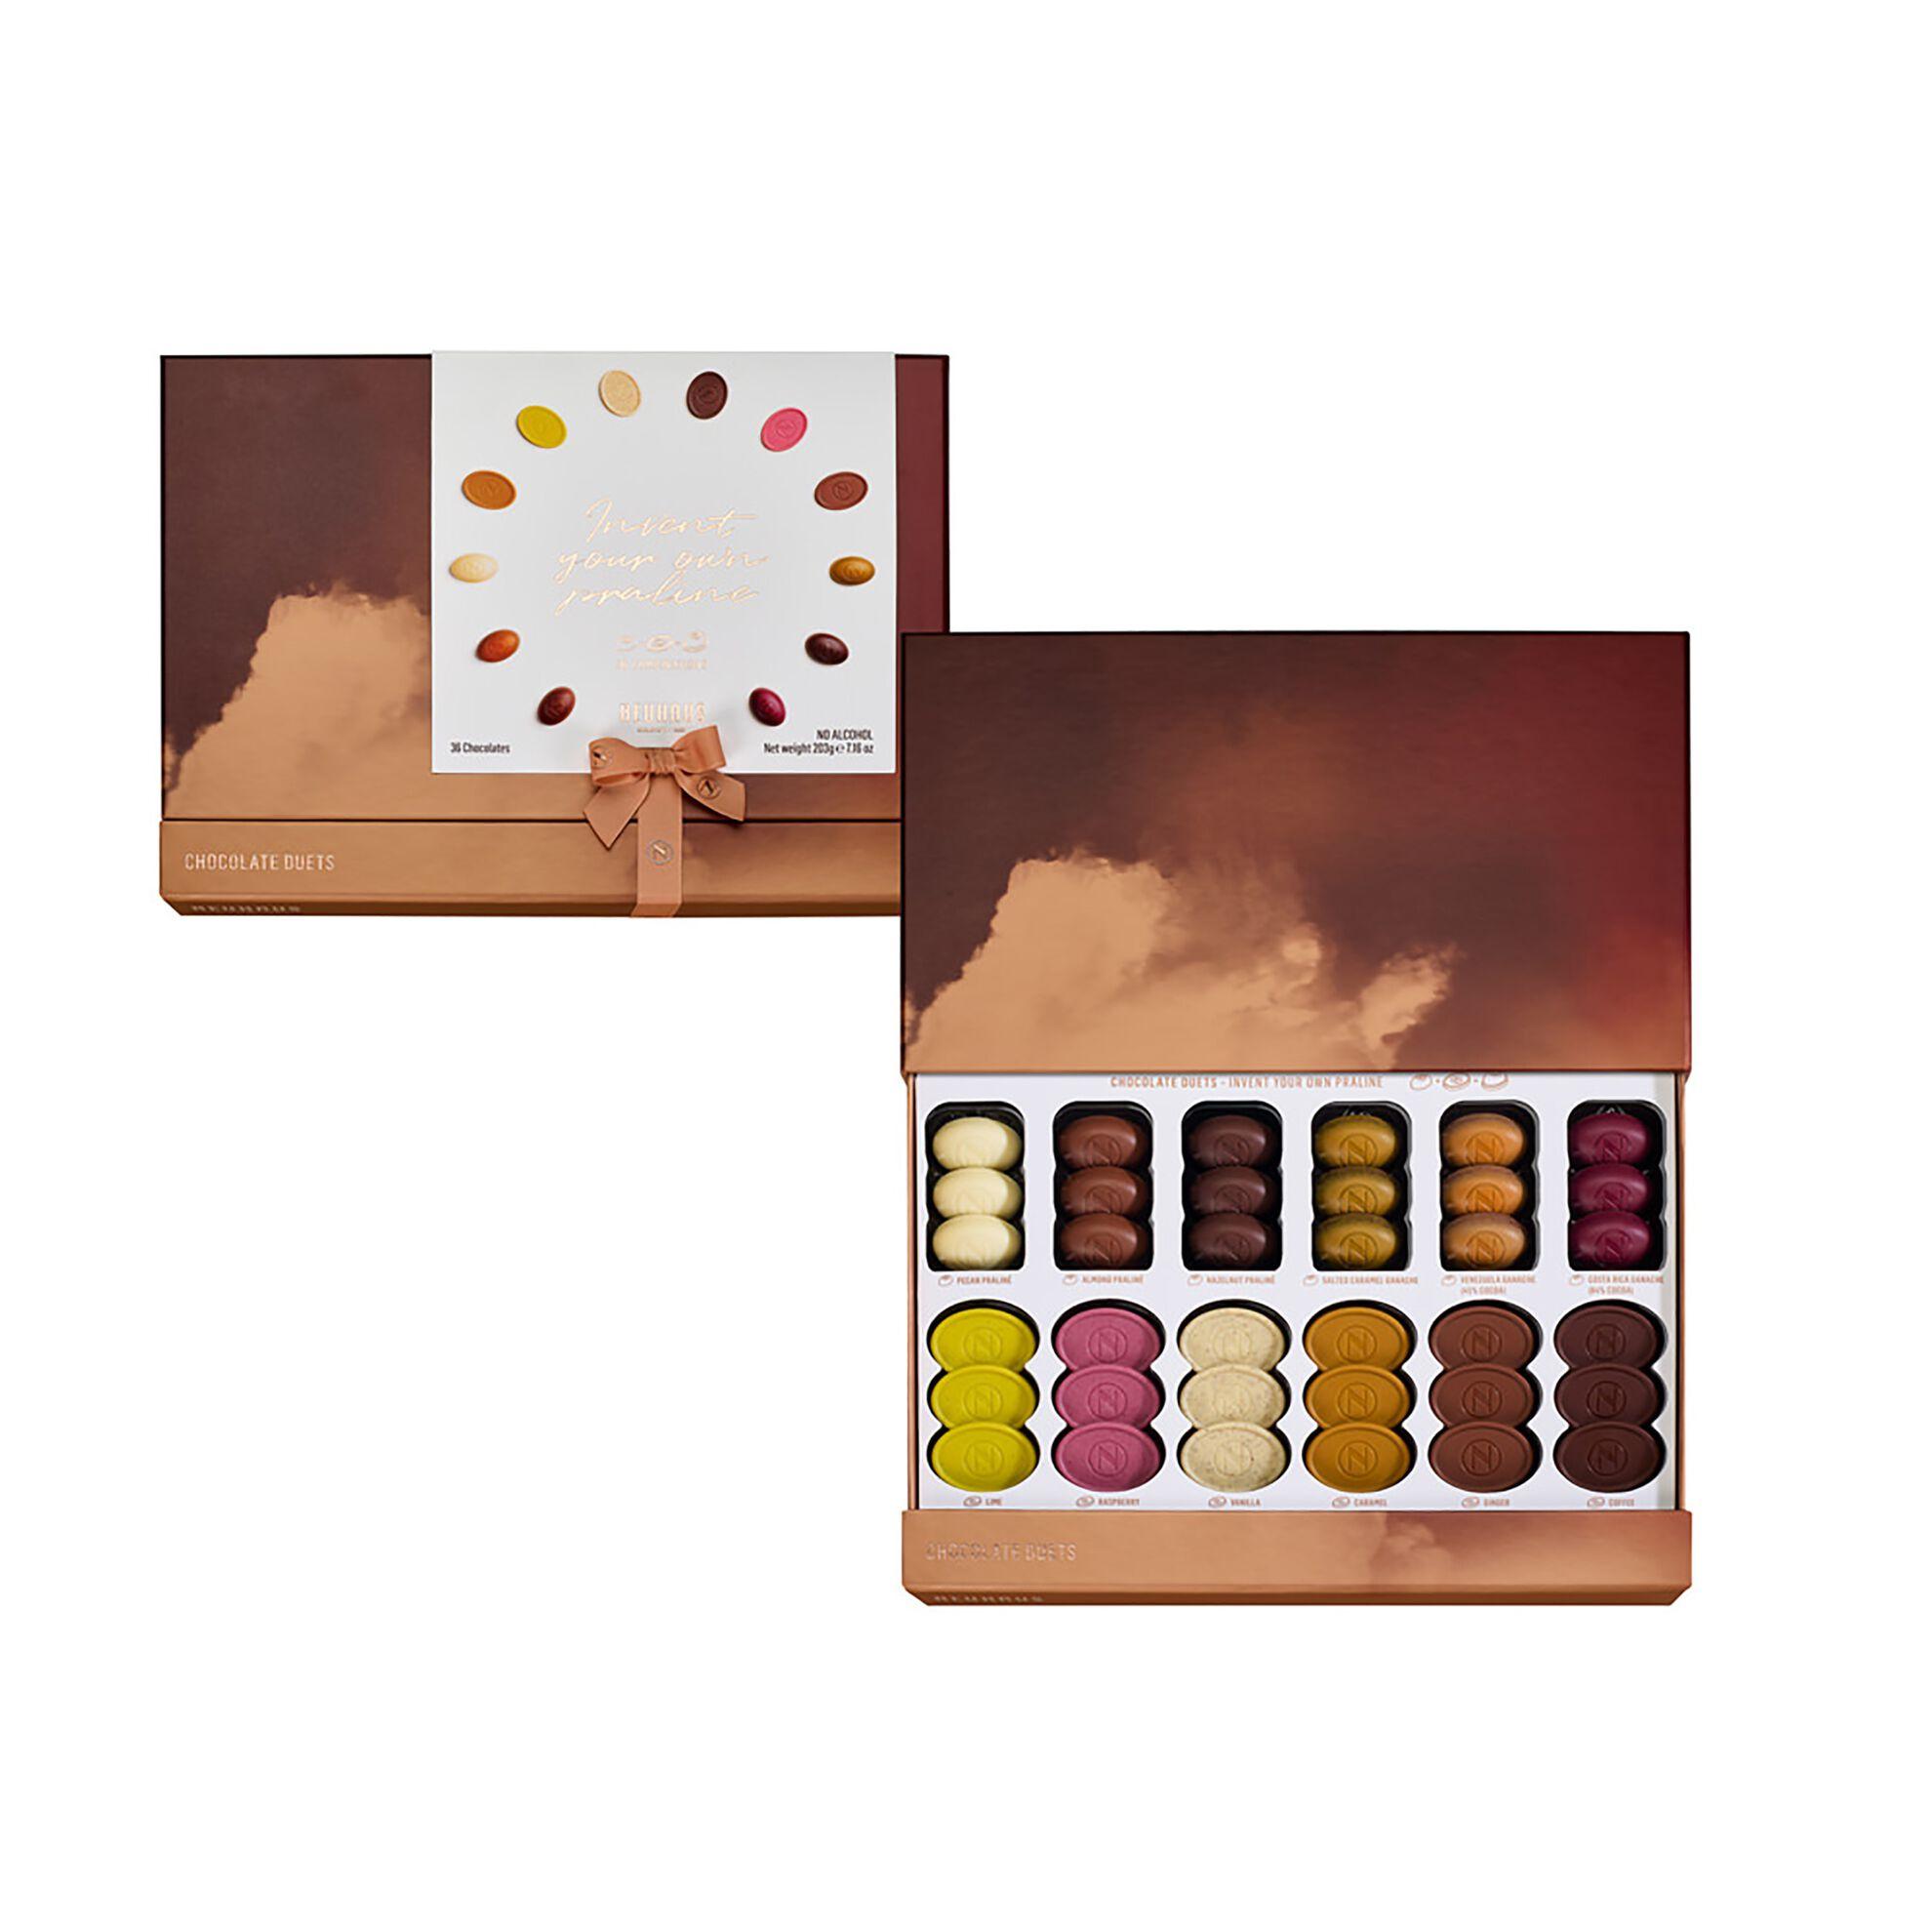 Chocolate Duets Schuifdoos image number 01